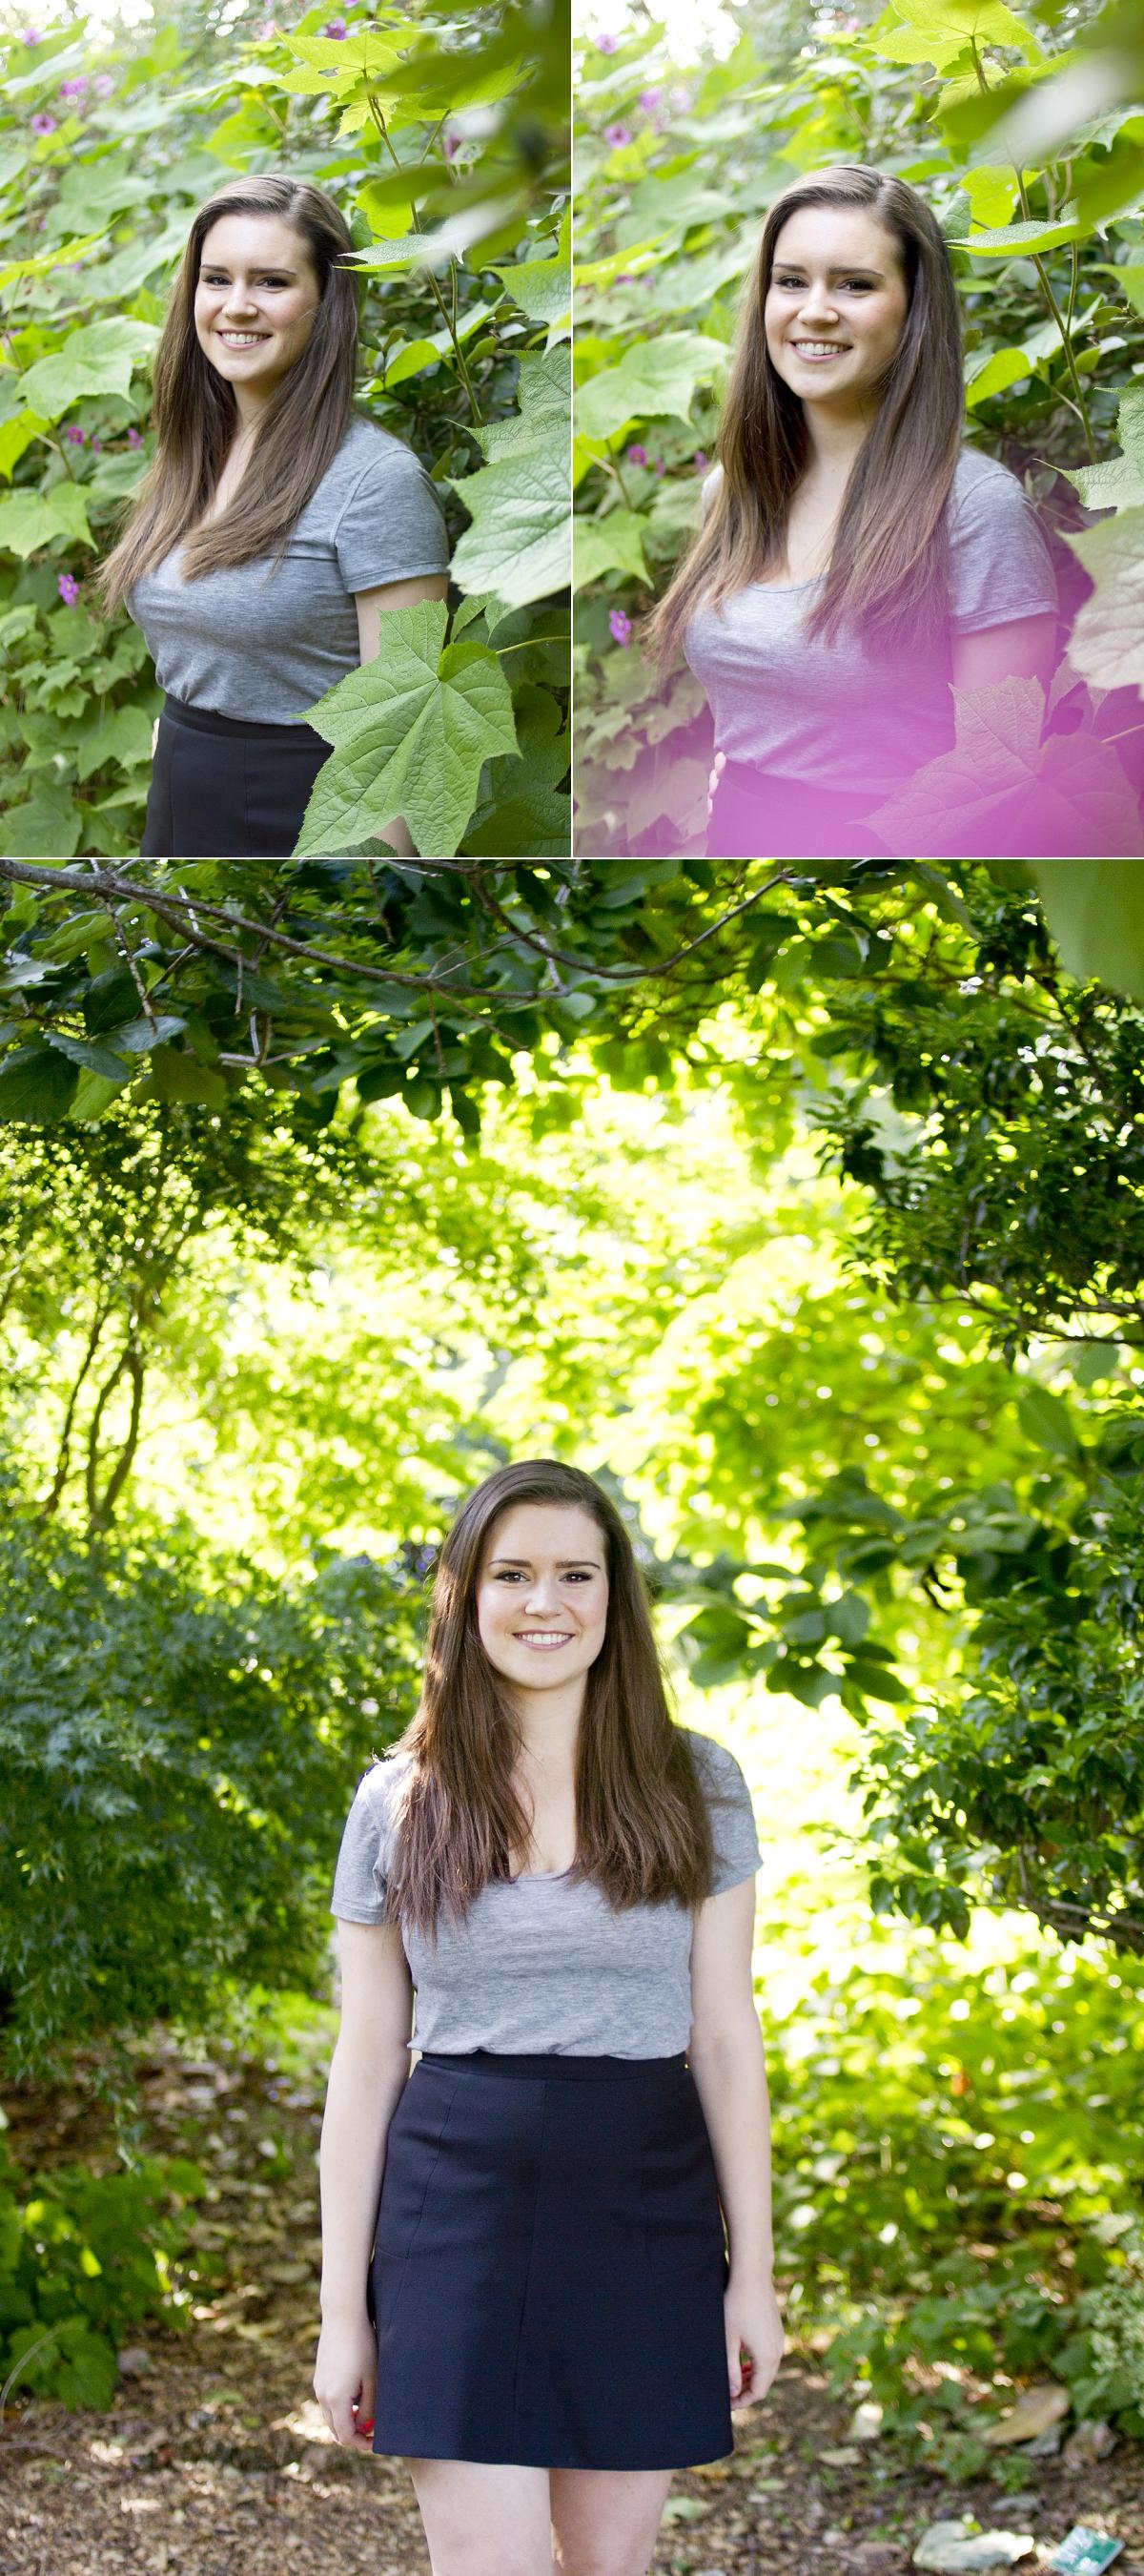 Virginia-Tech-Senior-Photos-Blacksburg-_0004.jpg